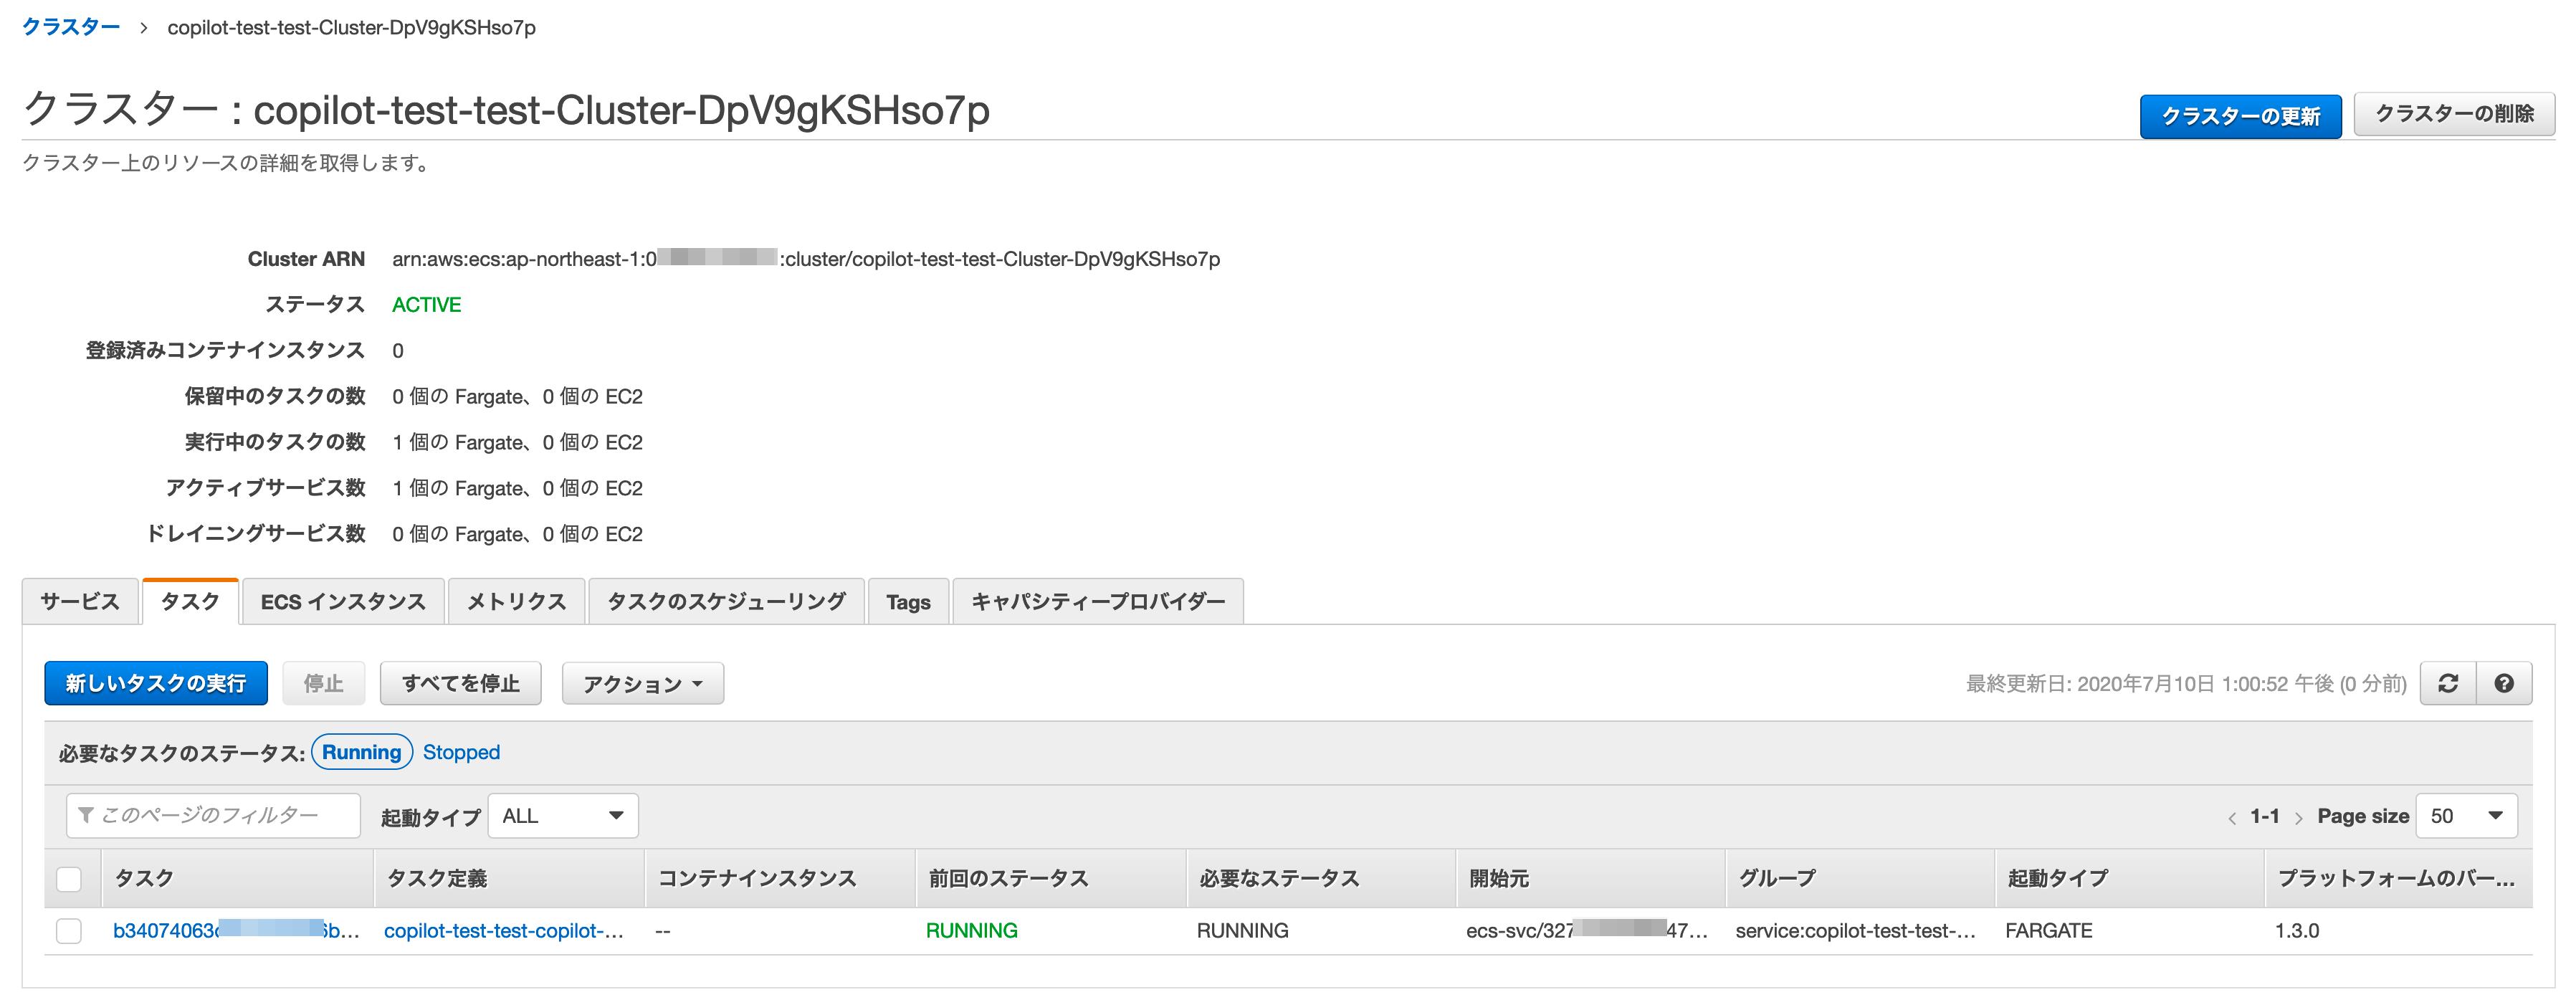 スクリーンショット 2020-07-10 13.01.05.png